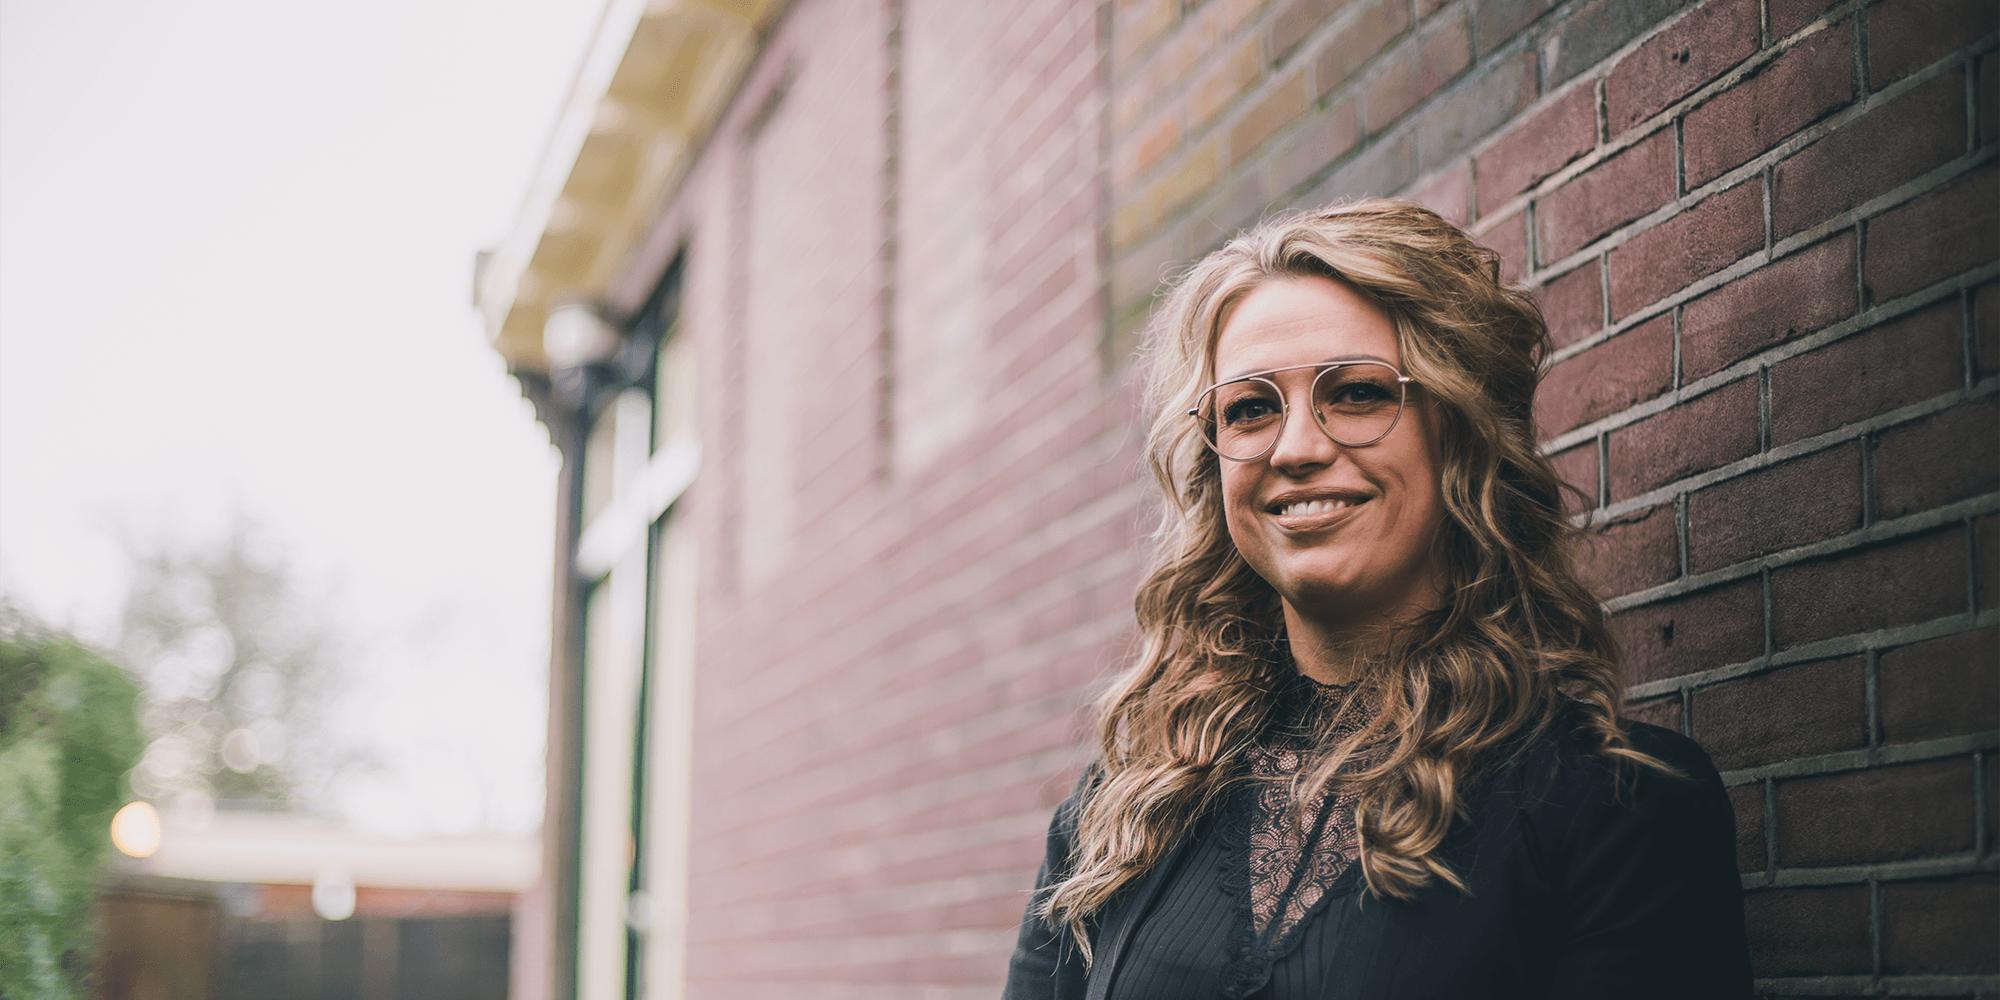 Miranda Kleinmeulman, eigenaresse en specialist in huid- en haarverbetering | Schoonheidsinstituut Het Hogeland